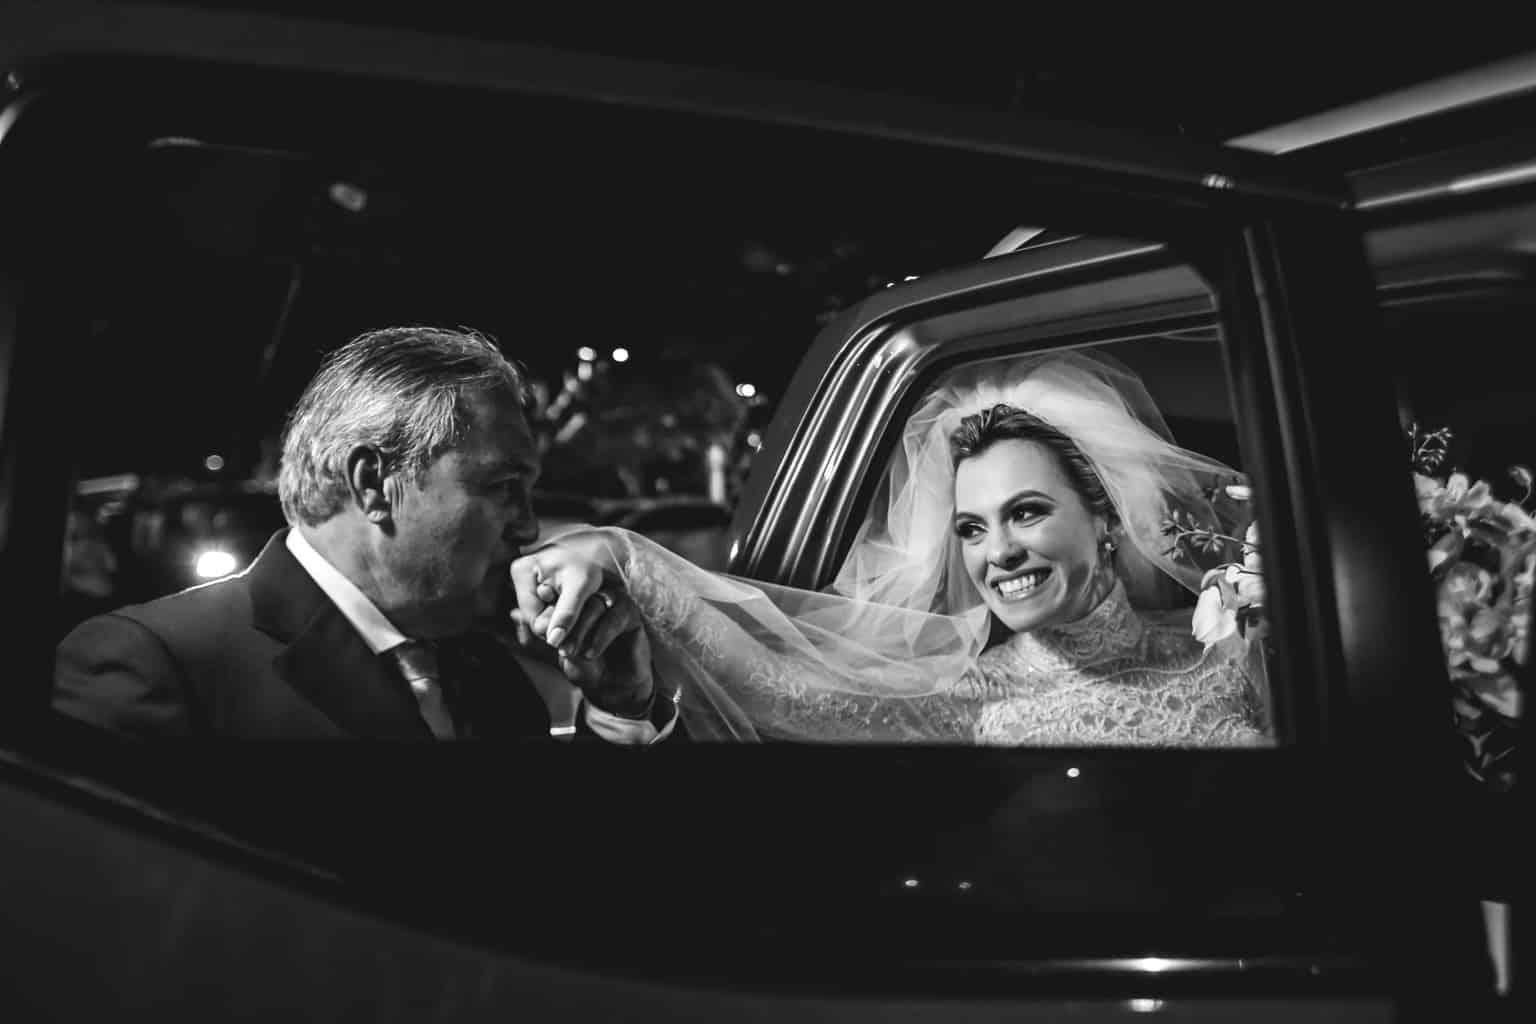 carro-da-noiva-casamento-Juliana-e-Eduardo-Fotografia-Ricardo-Nascimento-e-Thereza-magno-Usina-dois-irmãos49